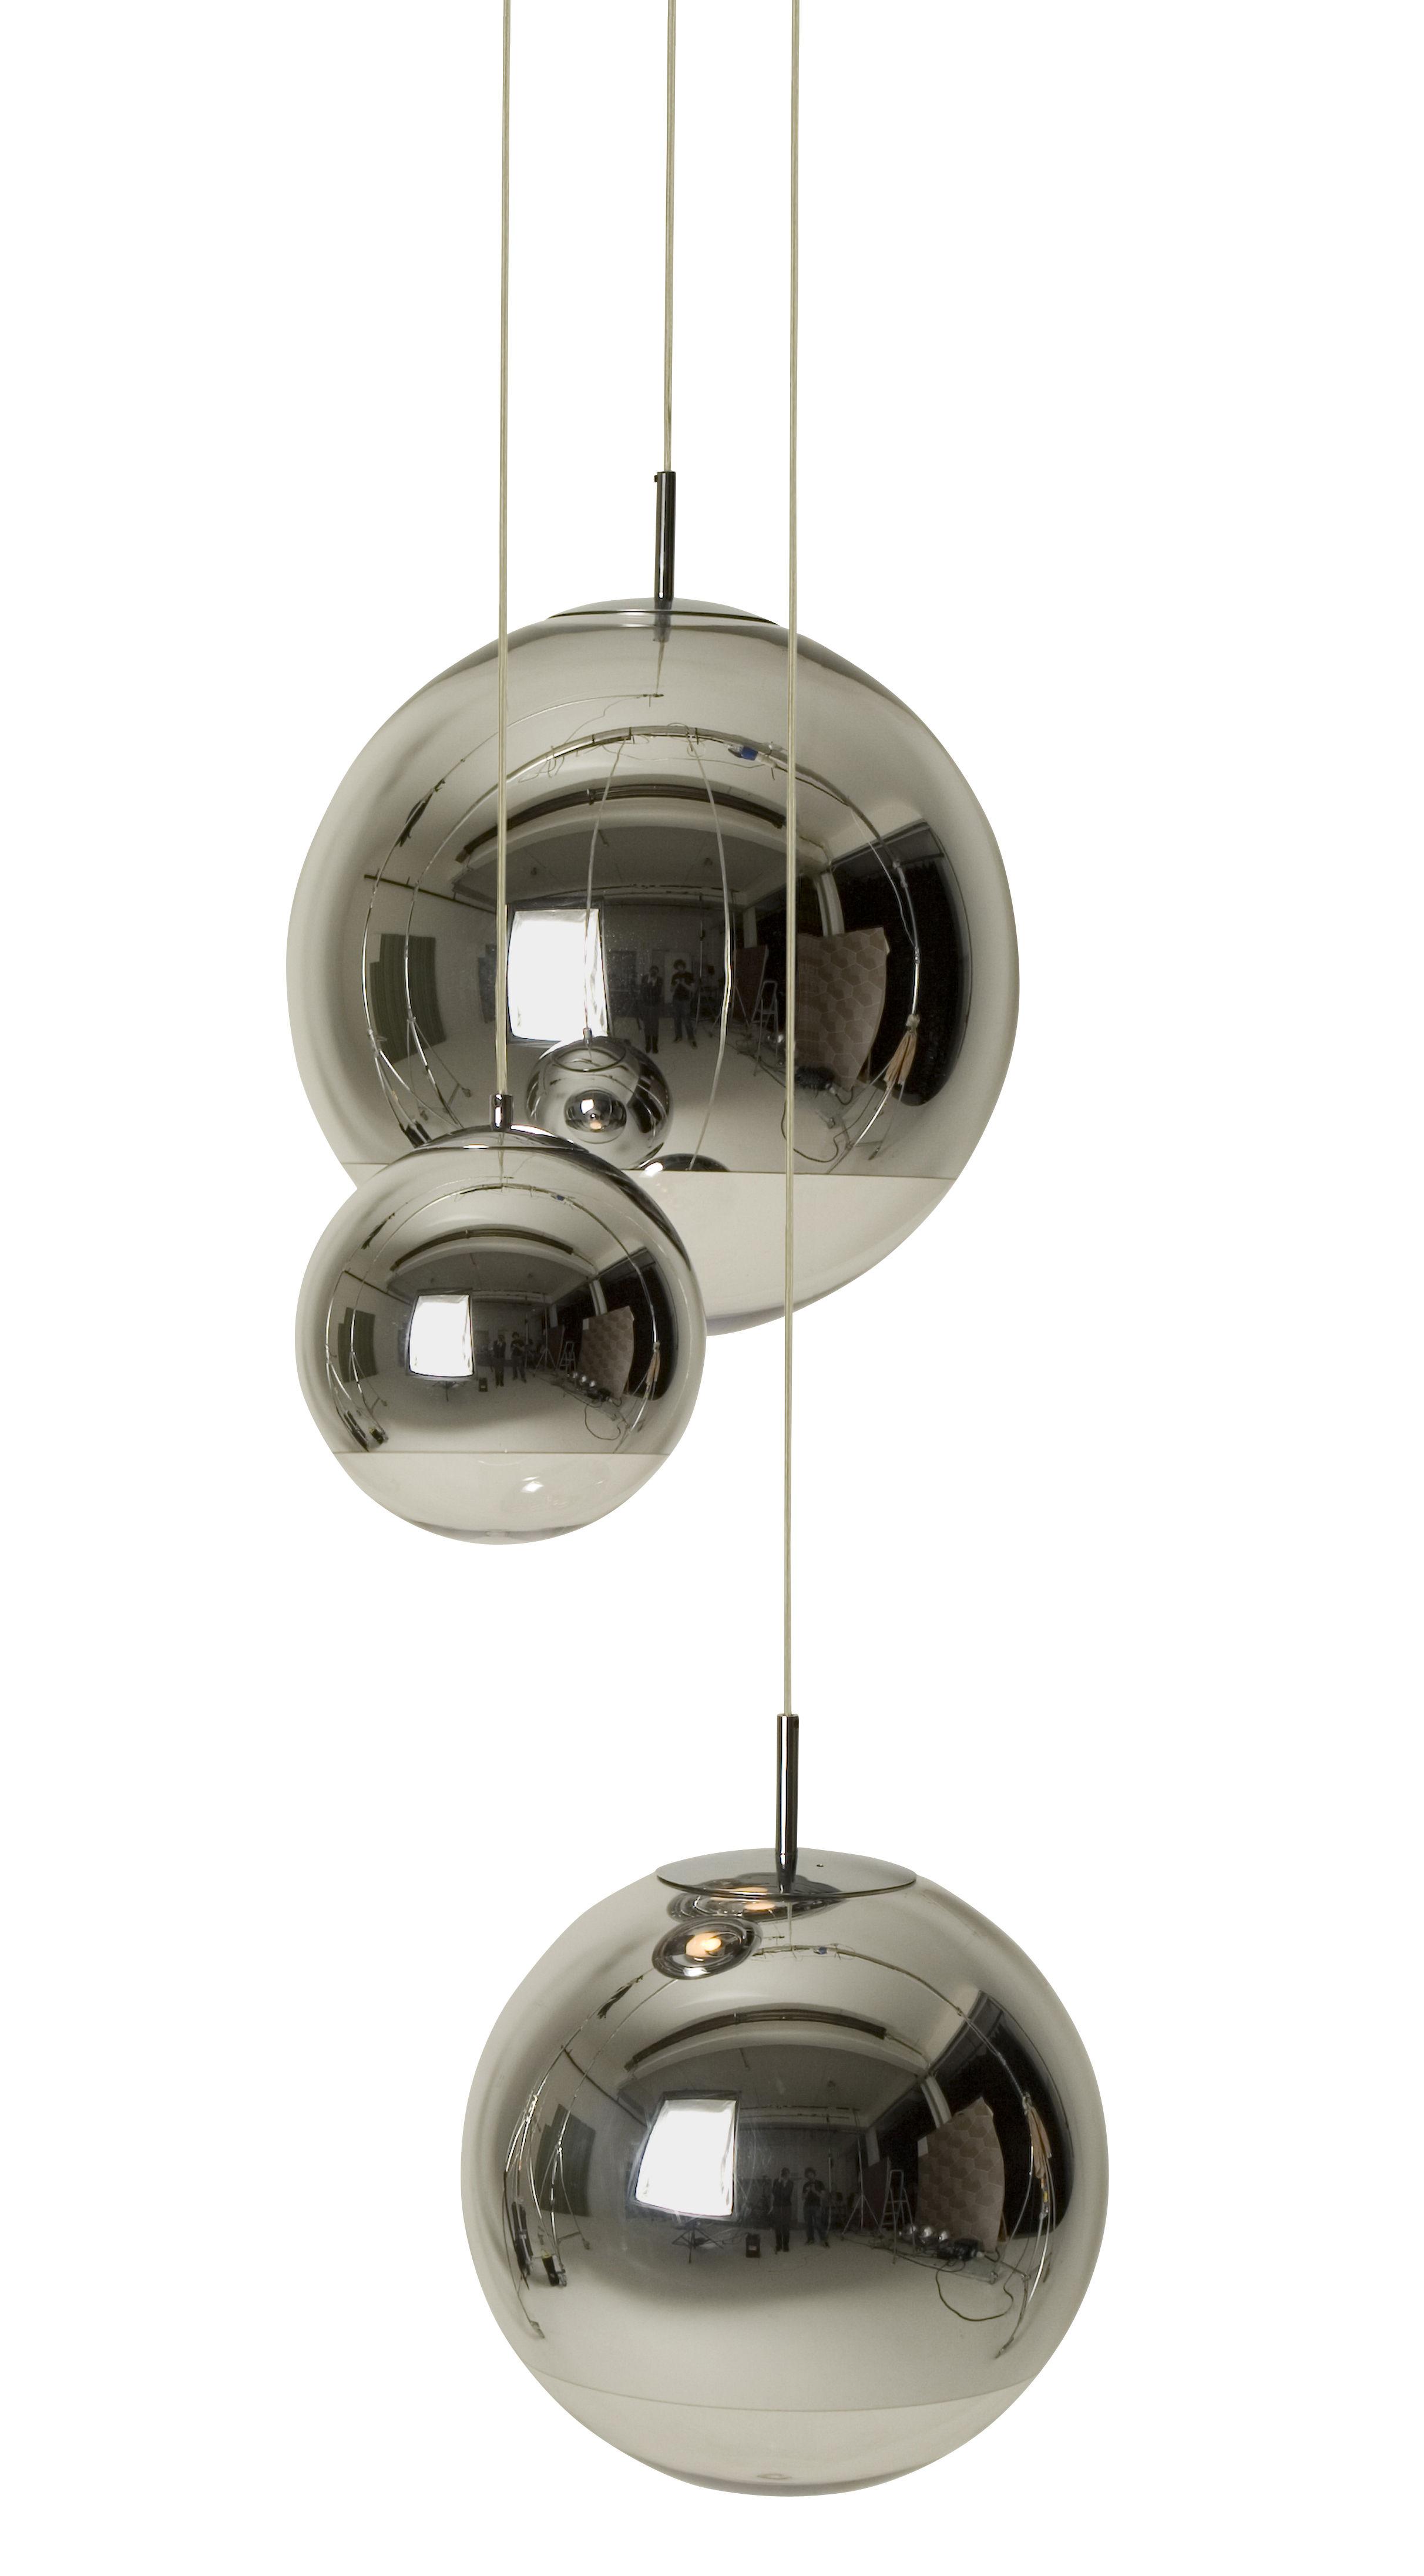 Leuchten - Pendelleuchten - Mirror Ball Medium Pendelleuchte - Tom Dixon - Pendelleuchte Ø 40 cm - Methacrylate